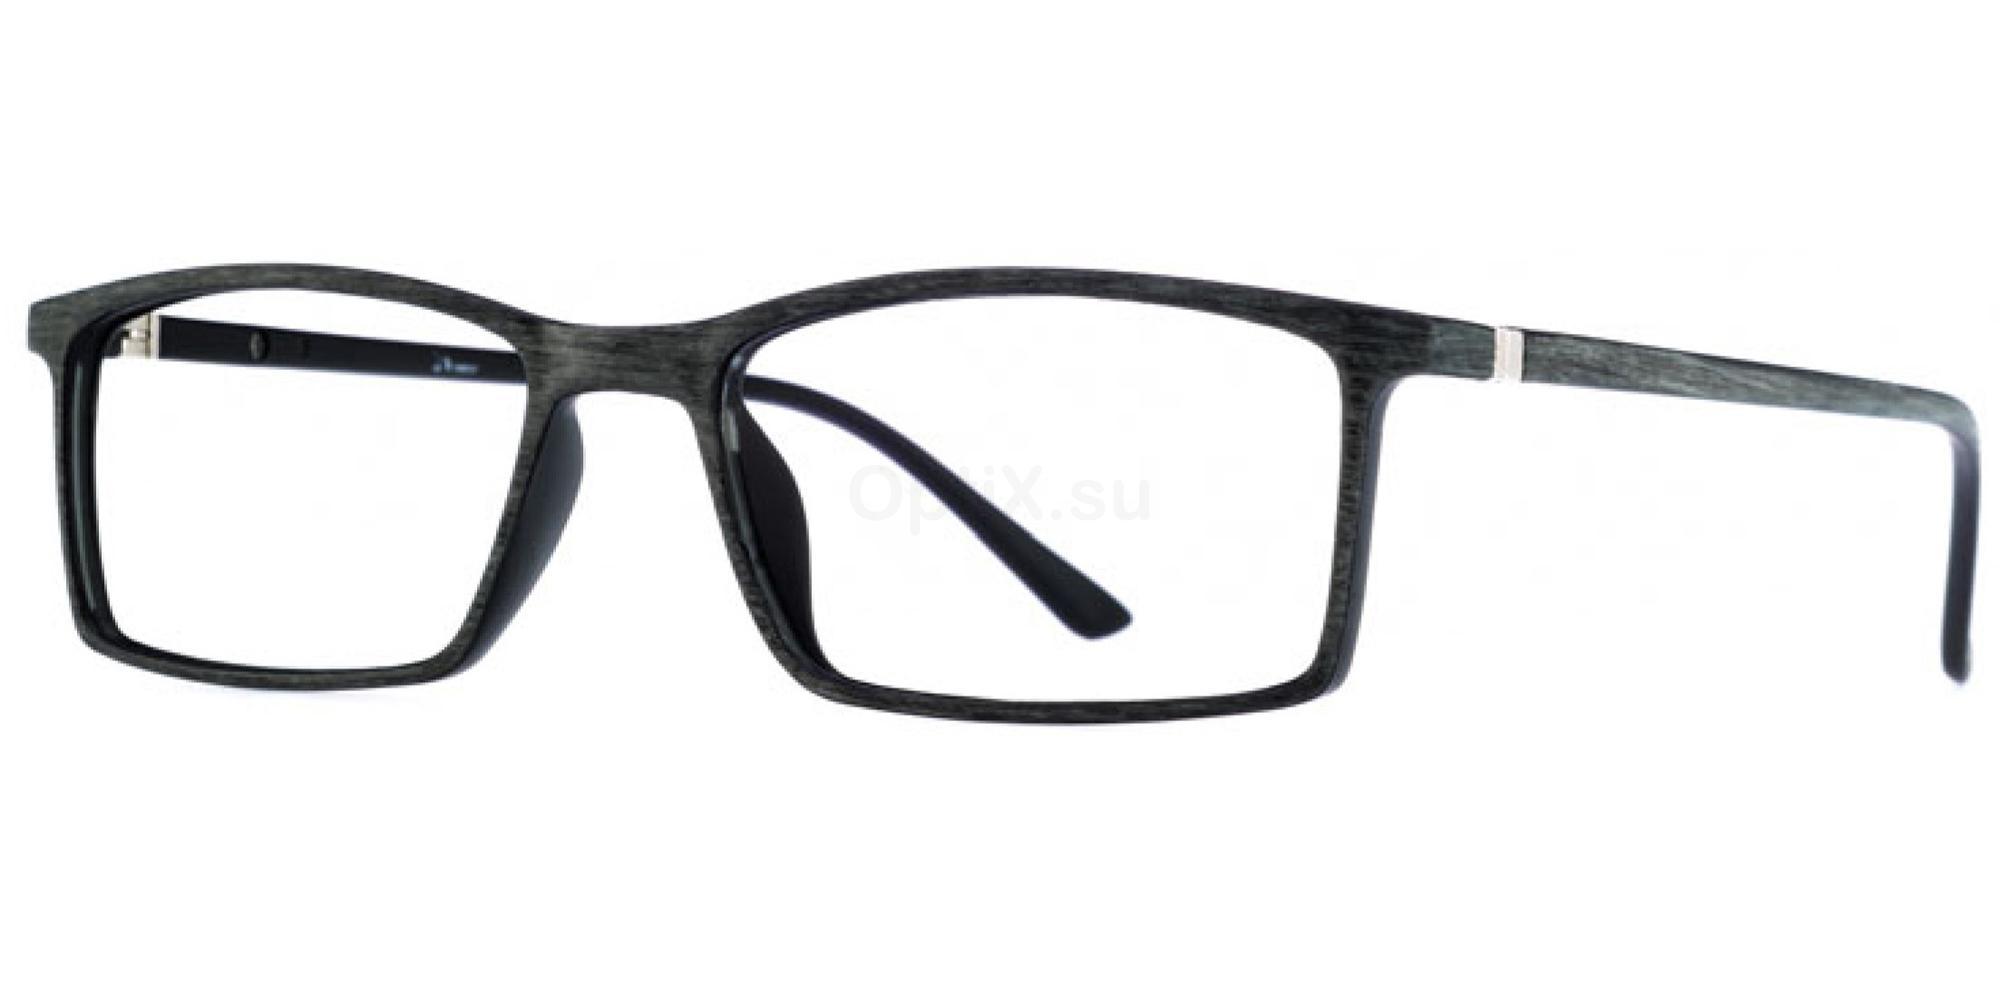 C1 Icy 282 Glasses, Icy Eyewear - Plastics